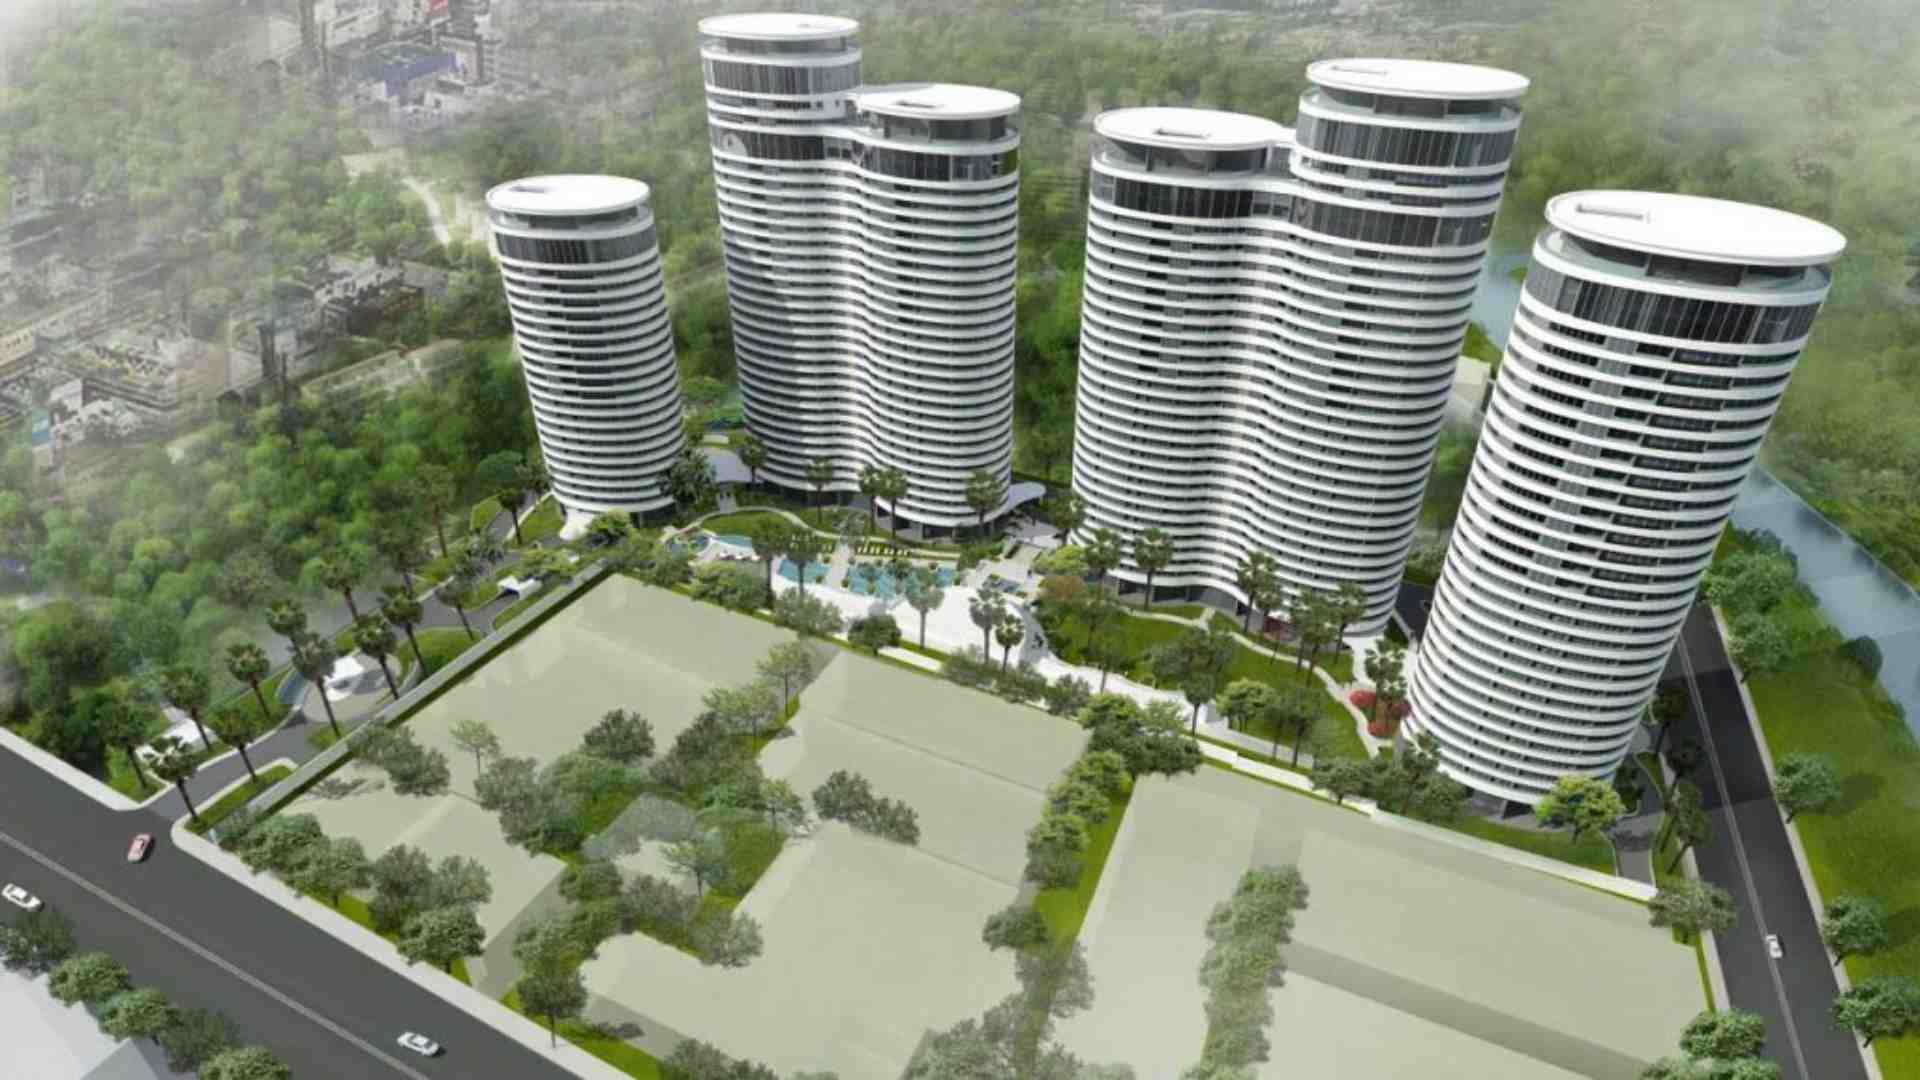 phoi-canh-du-an-city-garden